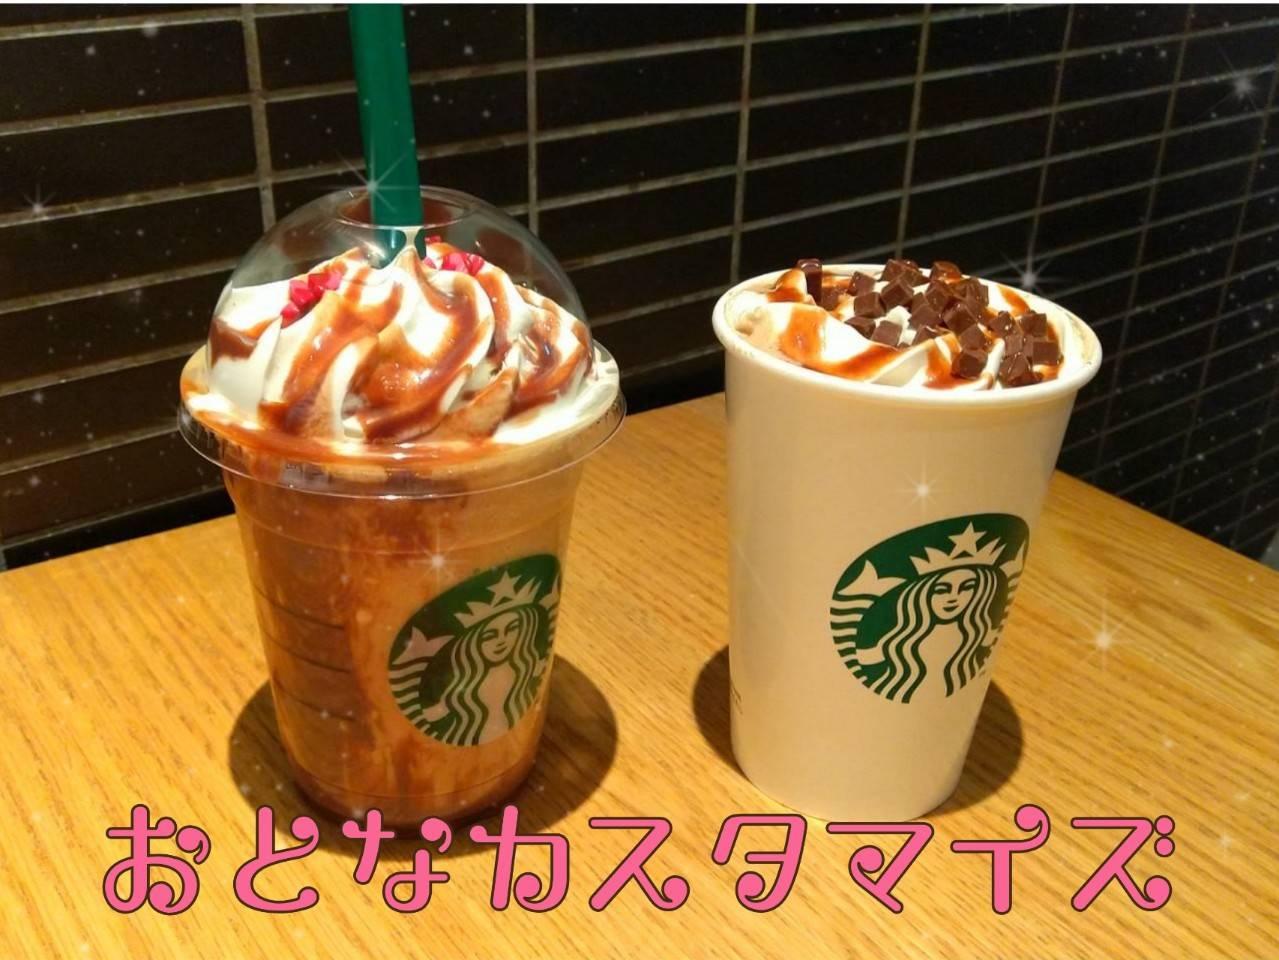 【スタバ☆新作カスタマイズ】メルティ生チョコレートを大人のお味に♡徹底解説つき_1